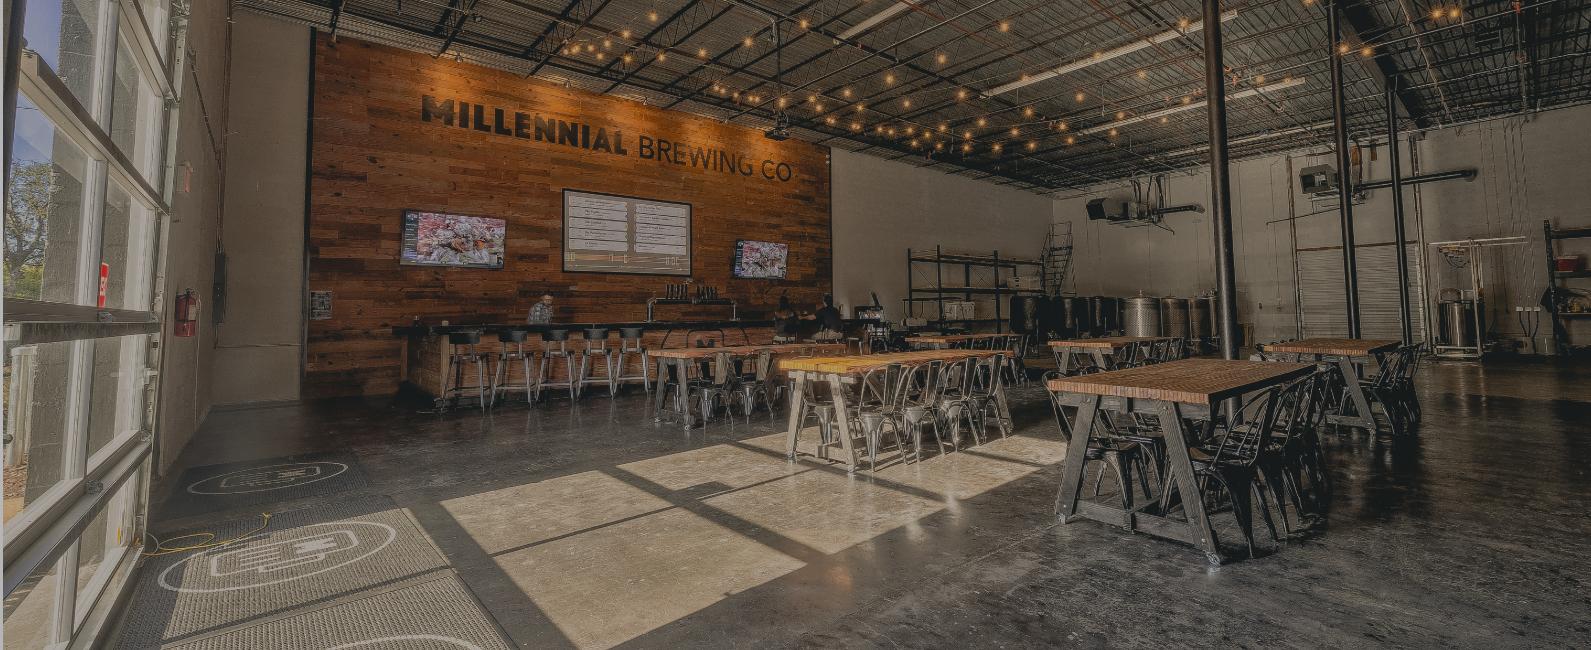 Millennial Brewing Co.